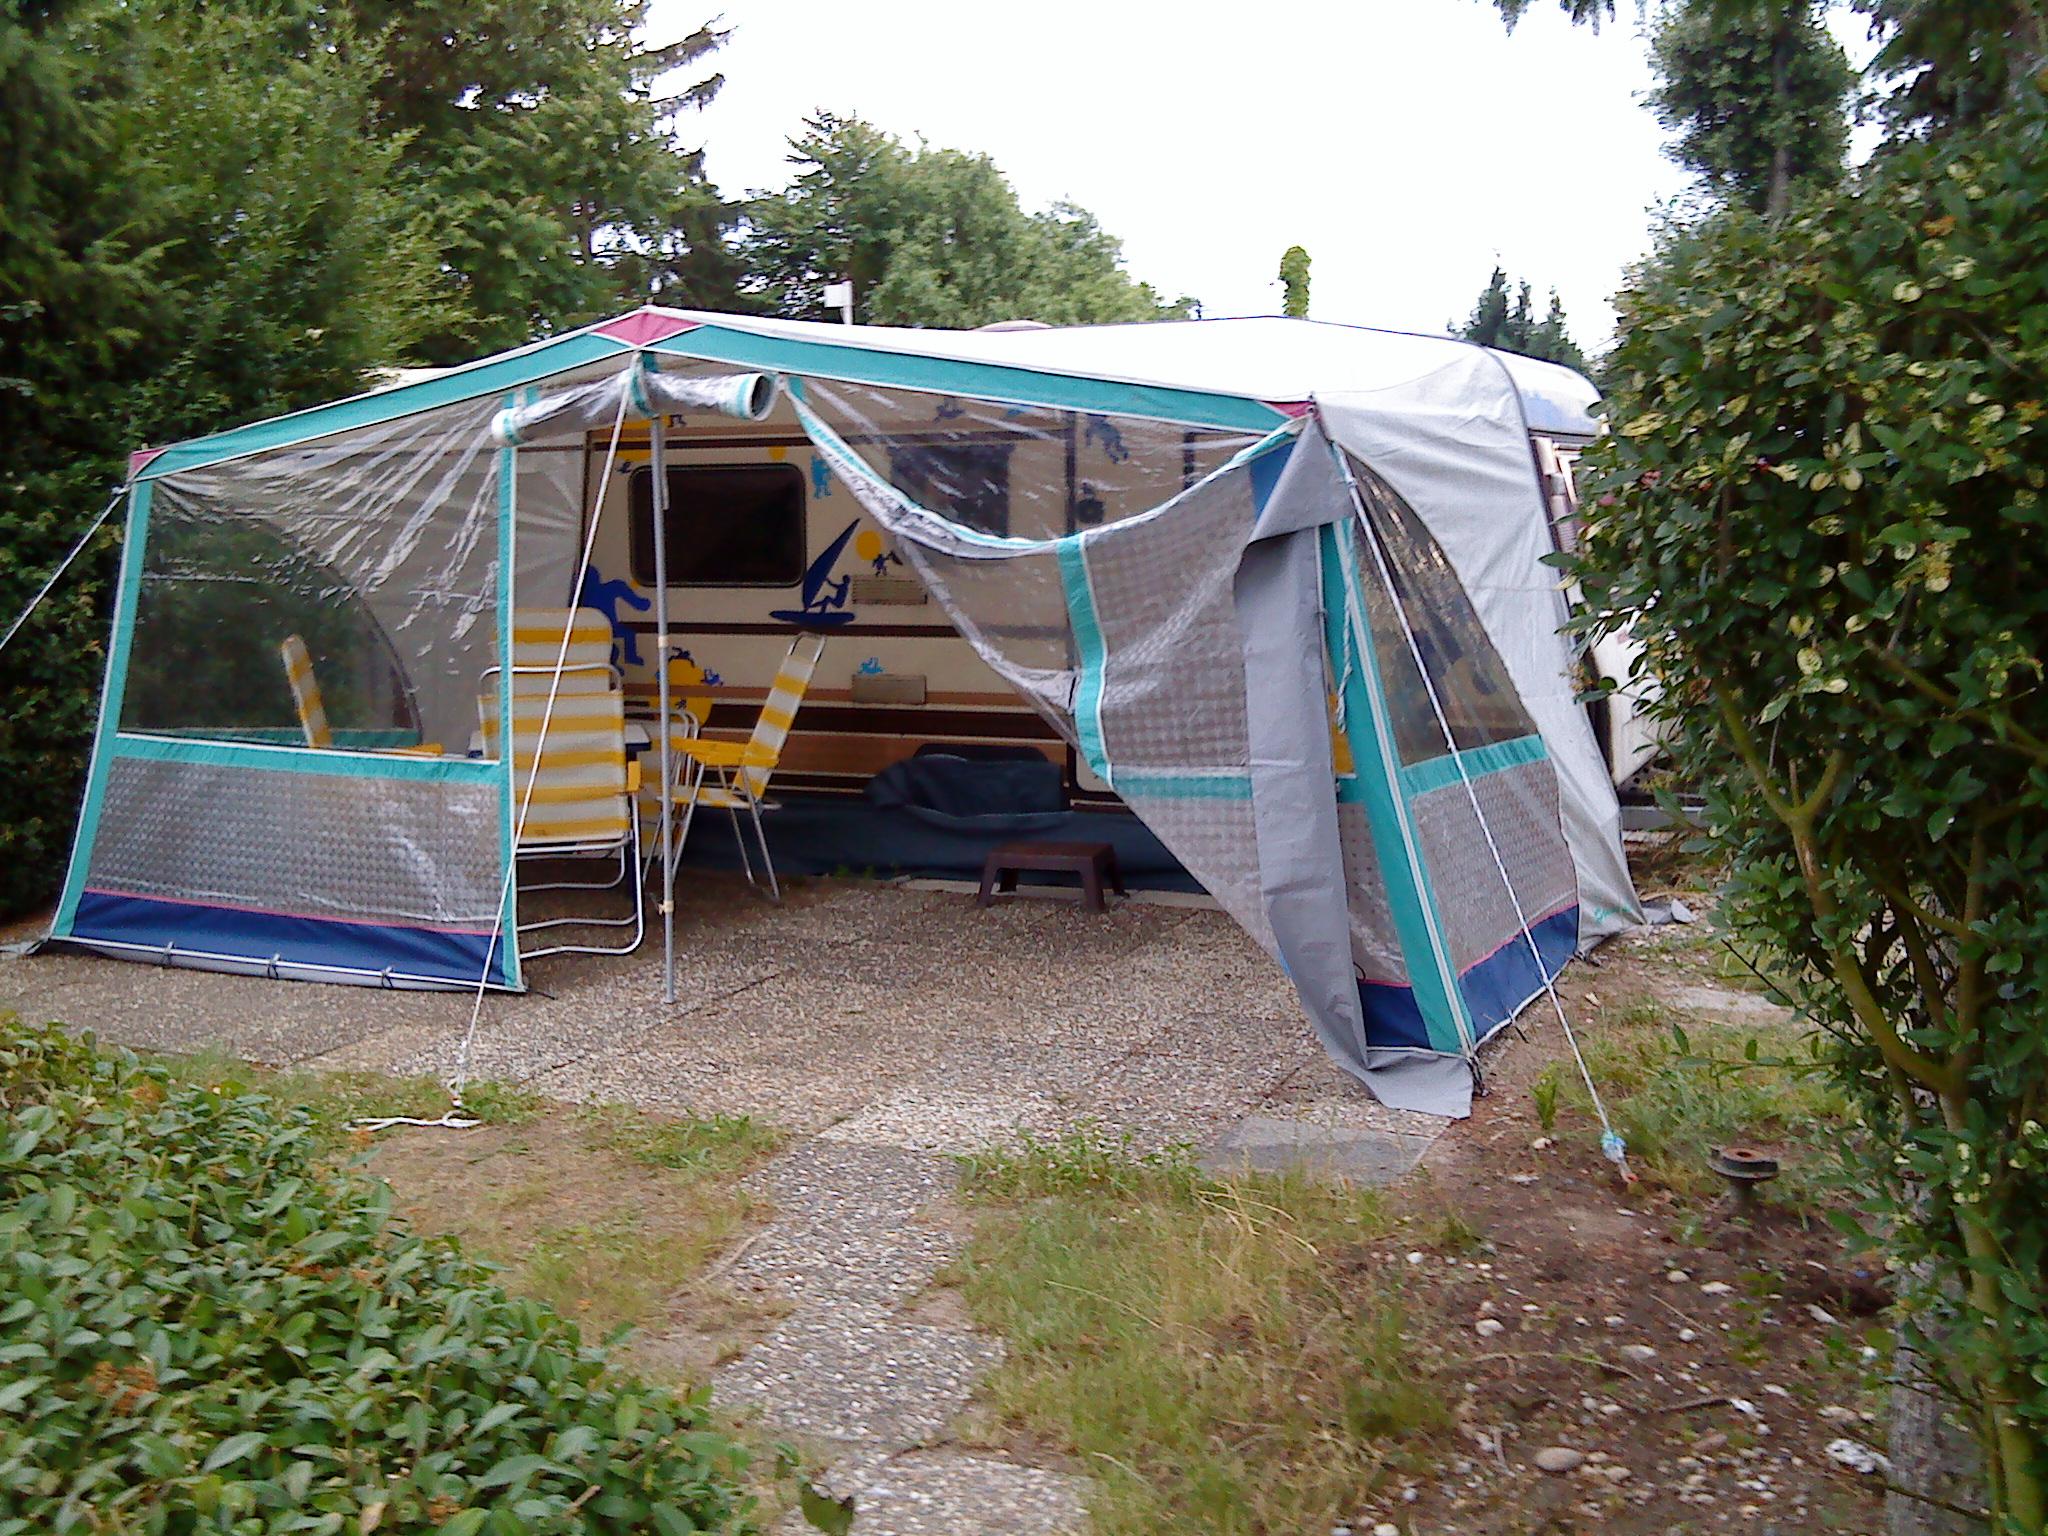 camping kleinanzeigen in mainz. Black Bedroom Furniture Sets. Home Design Ideas